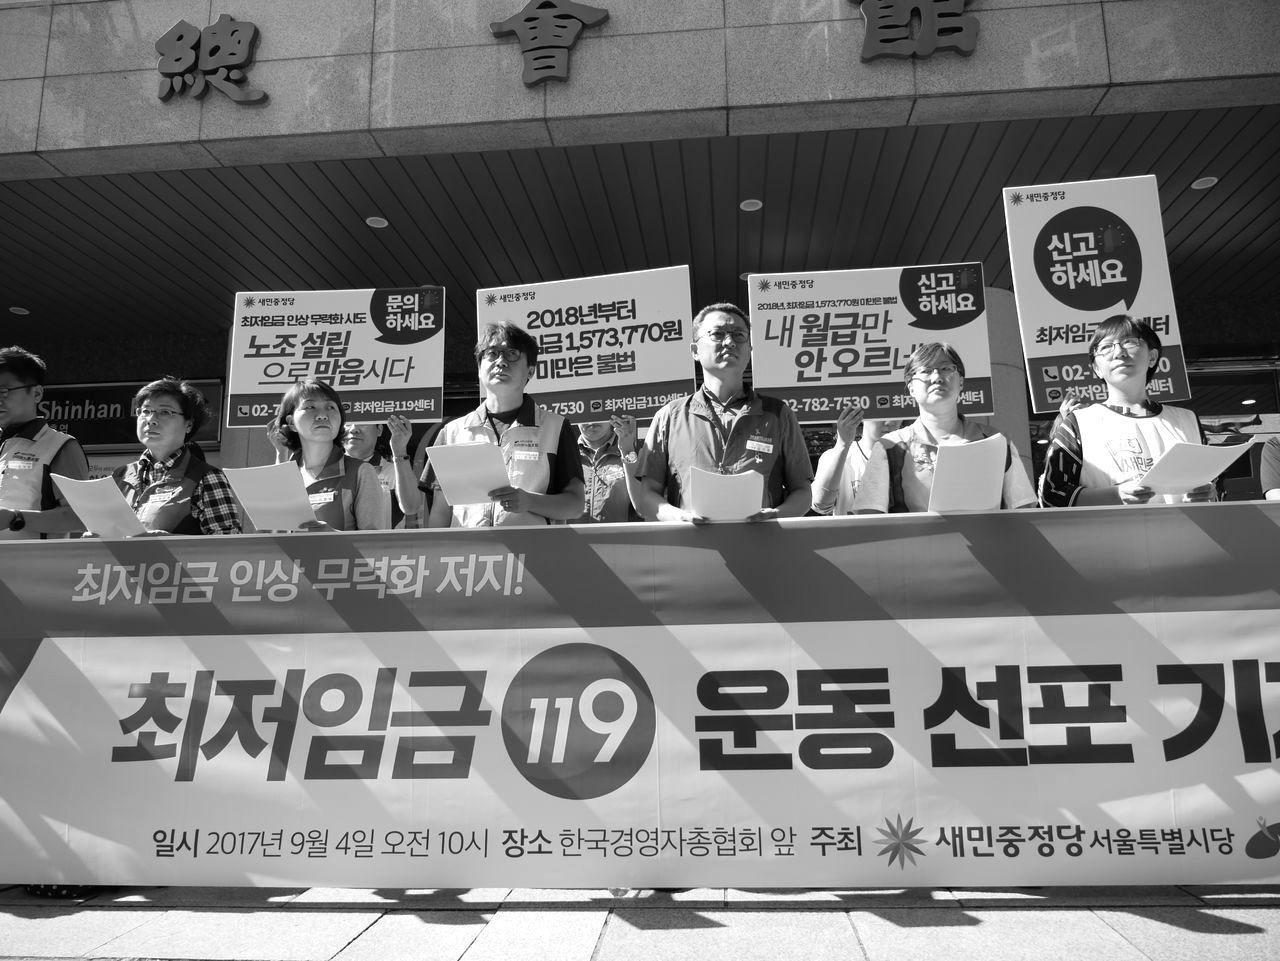 2017.9  최저임금119 운동선포 기자회견